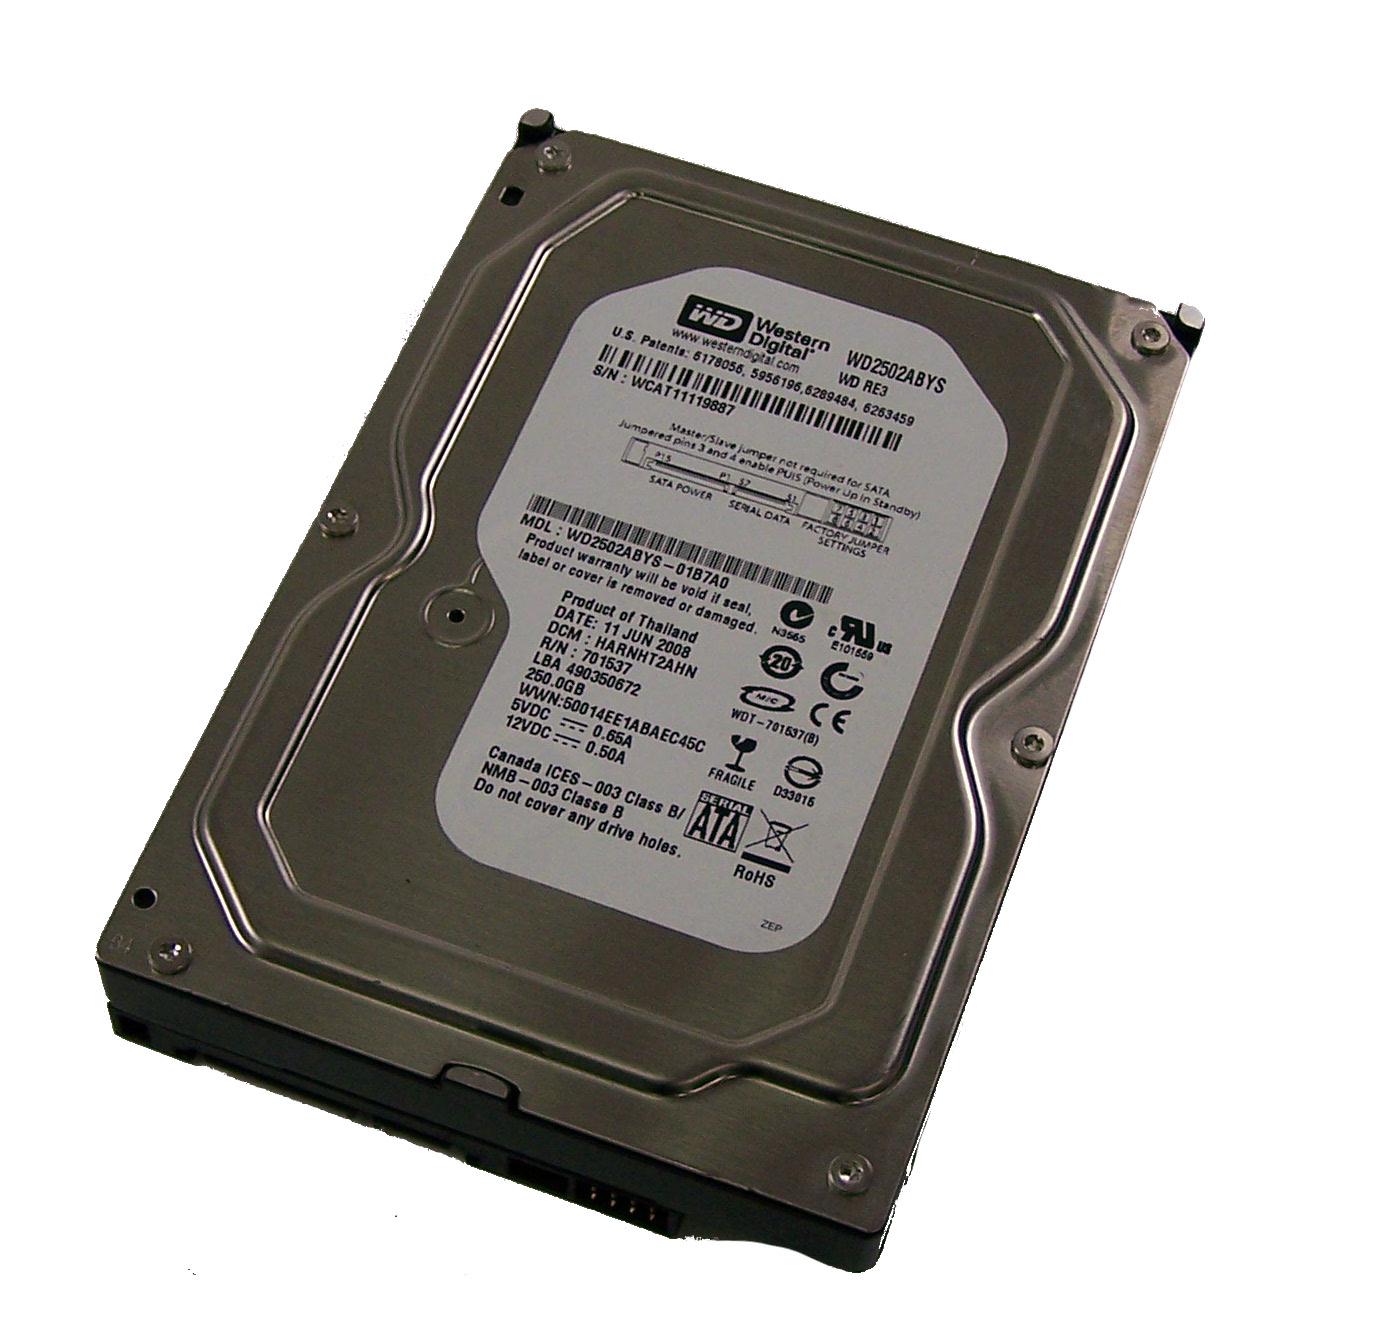 """WESTERN DIGITAL WD2502ABYS 01B7A0 WD RE3 250GB 7200 RPM SATA 3.5/"""" DRIVE"""